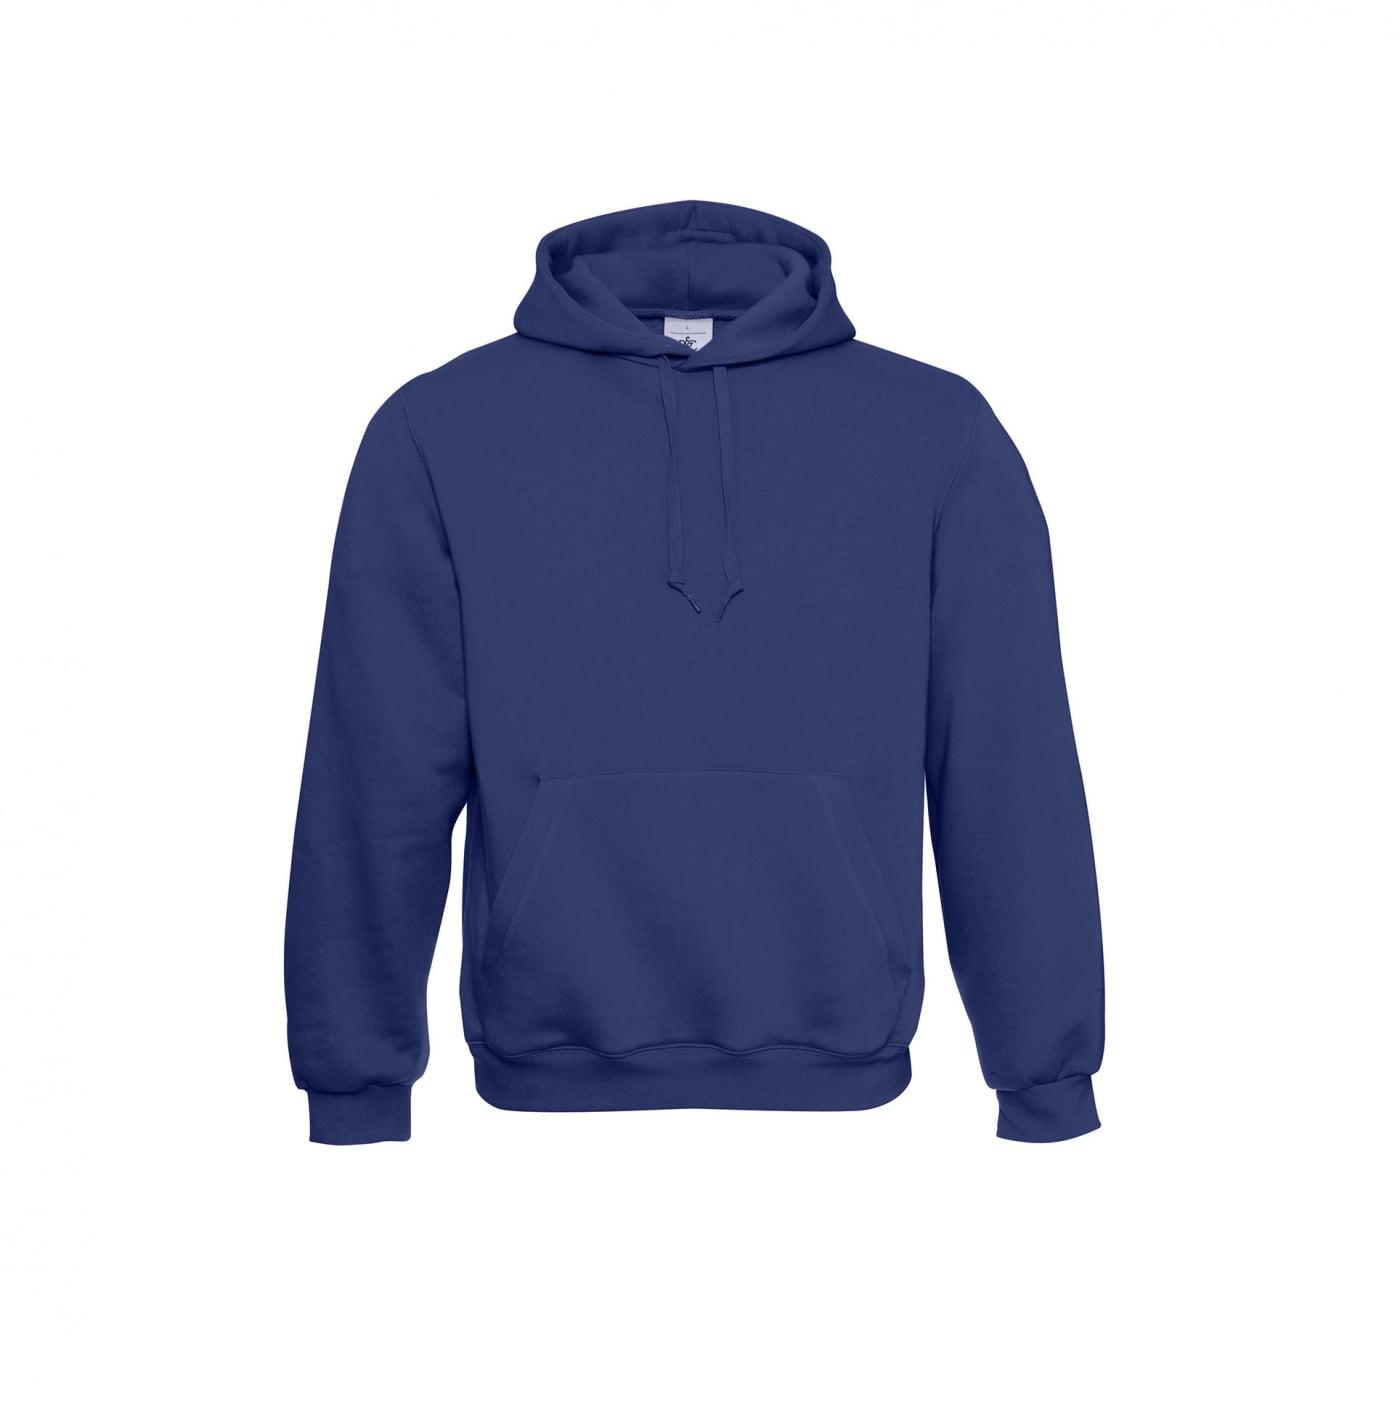 Bluzy - Klasyczna bluza Hooded - B&C WU620 - Electric Blue - RAVEN - koszulki reklamowe z nadrukiem, odzież reklamowa i gastronomiczna